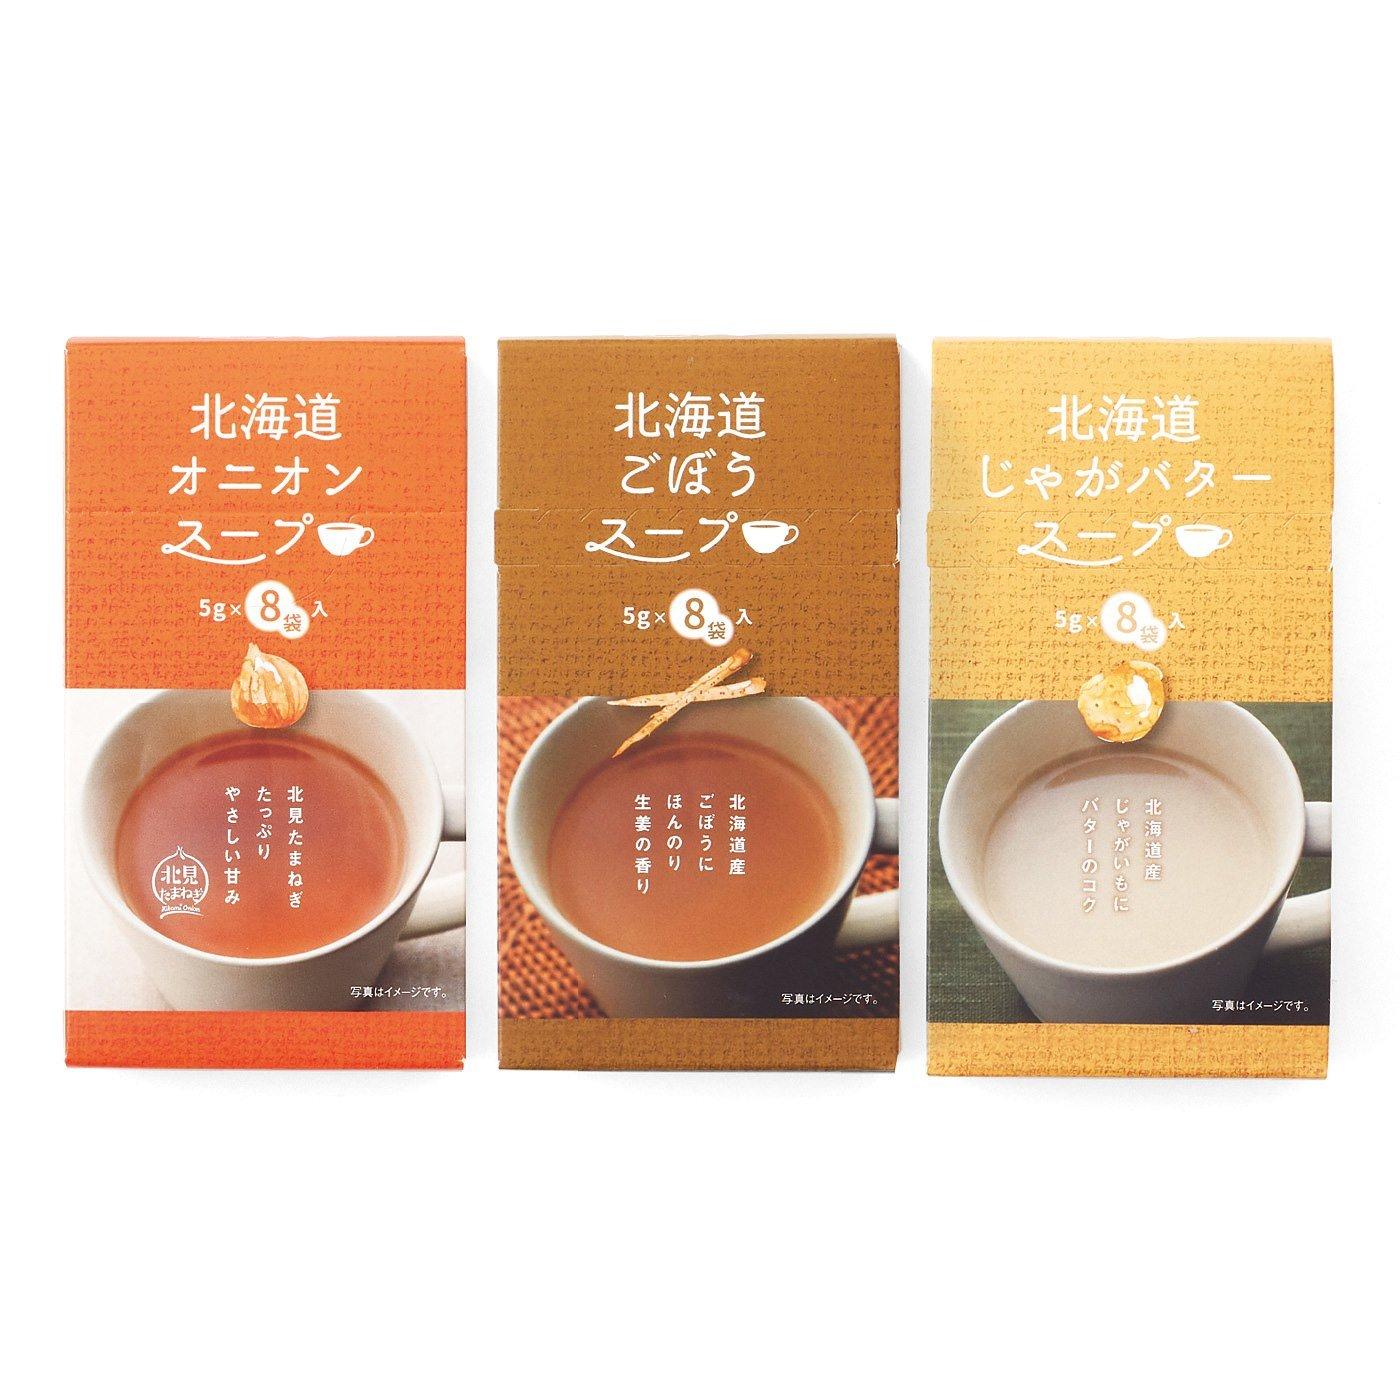 純農 お湯だけ10秒! とろけるしあわせ時間 北海道3種の旨味たっぷりスープアソート(24包)の会(12回予約)